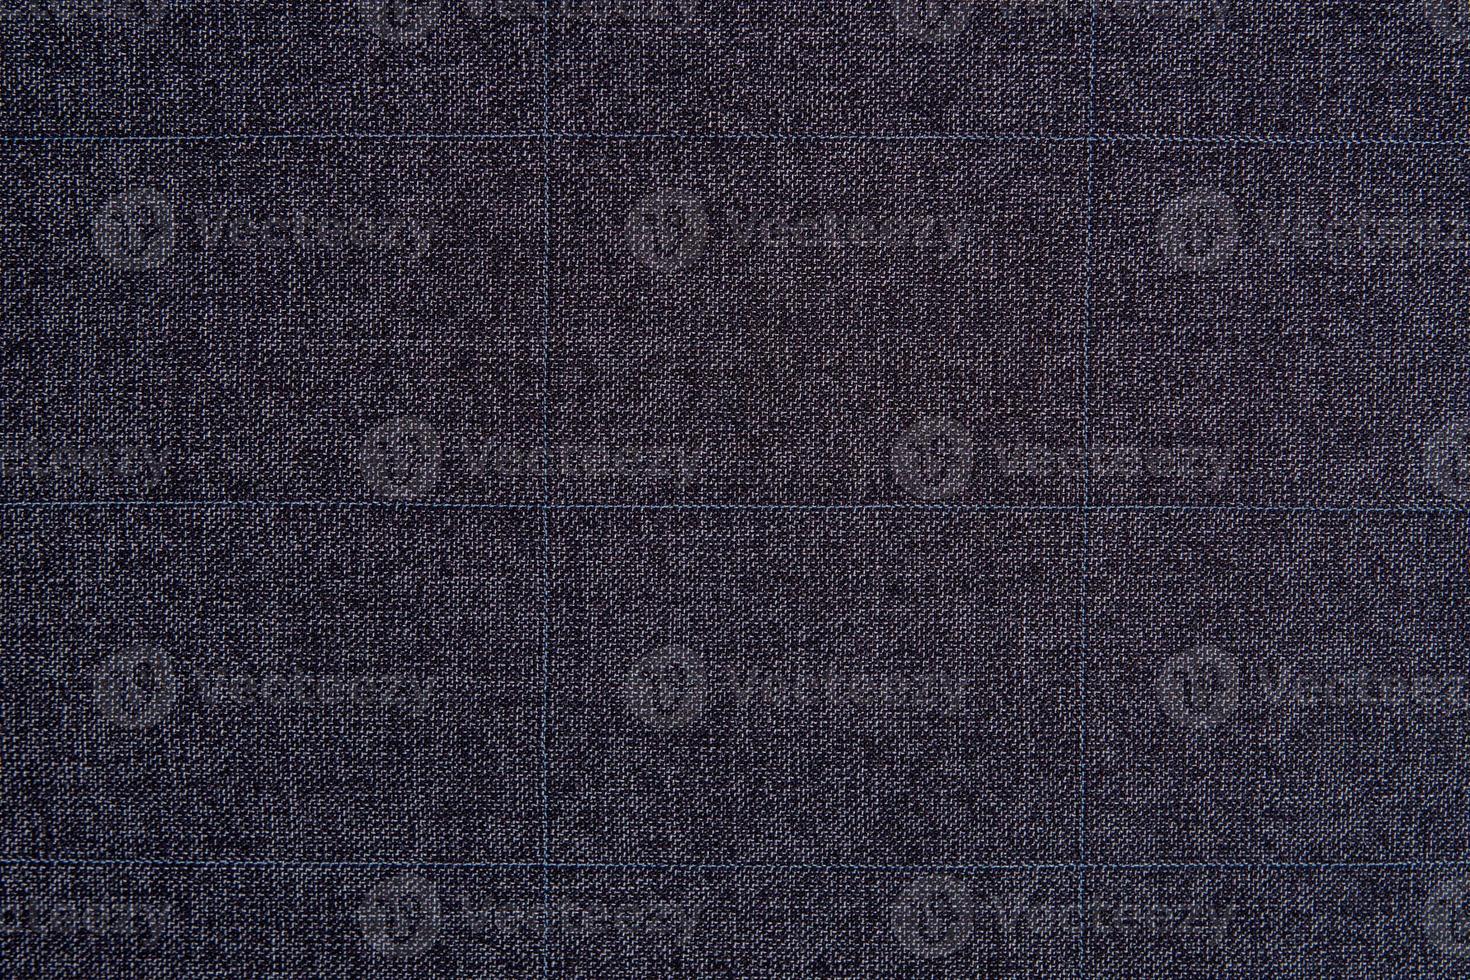 tela de textura. foto